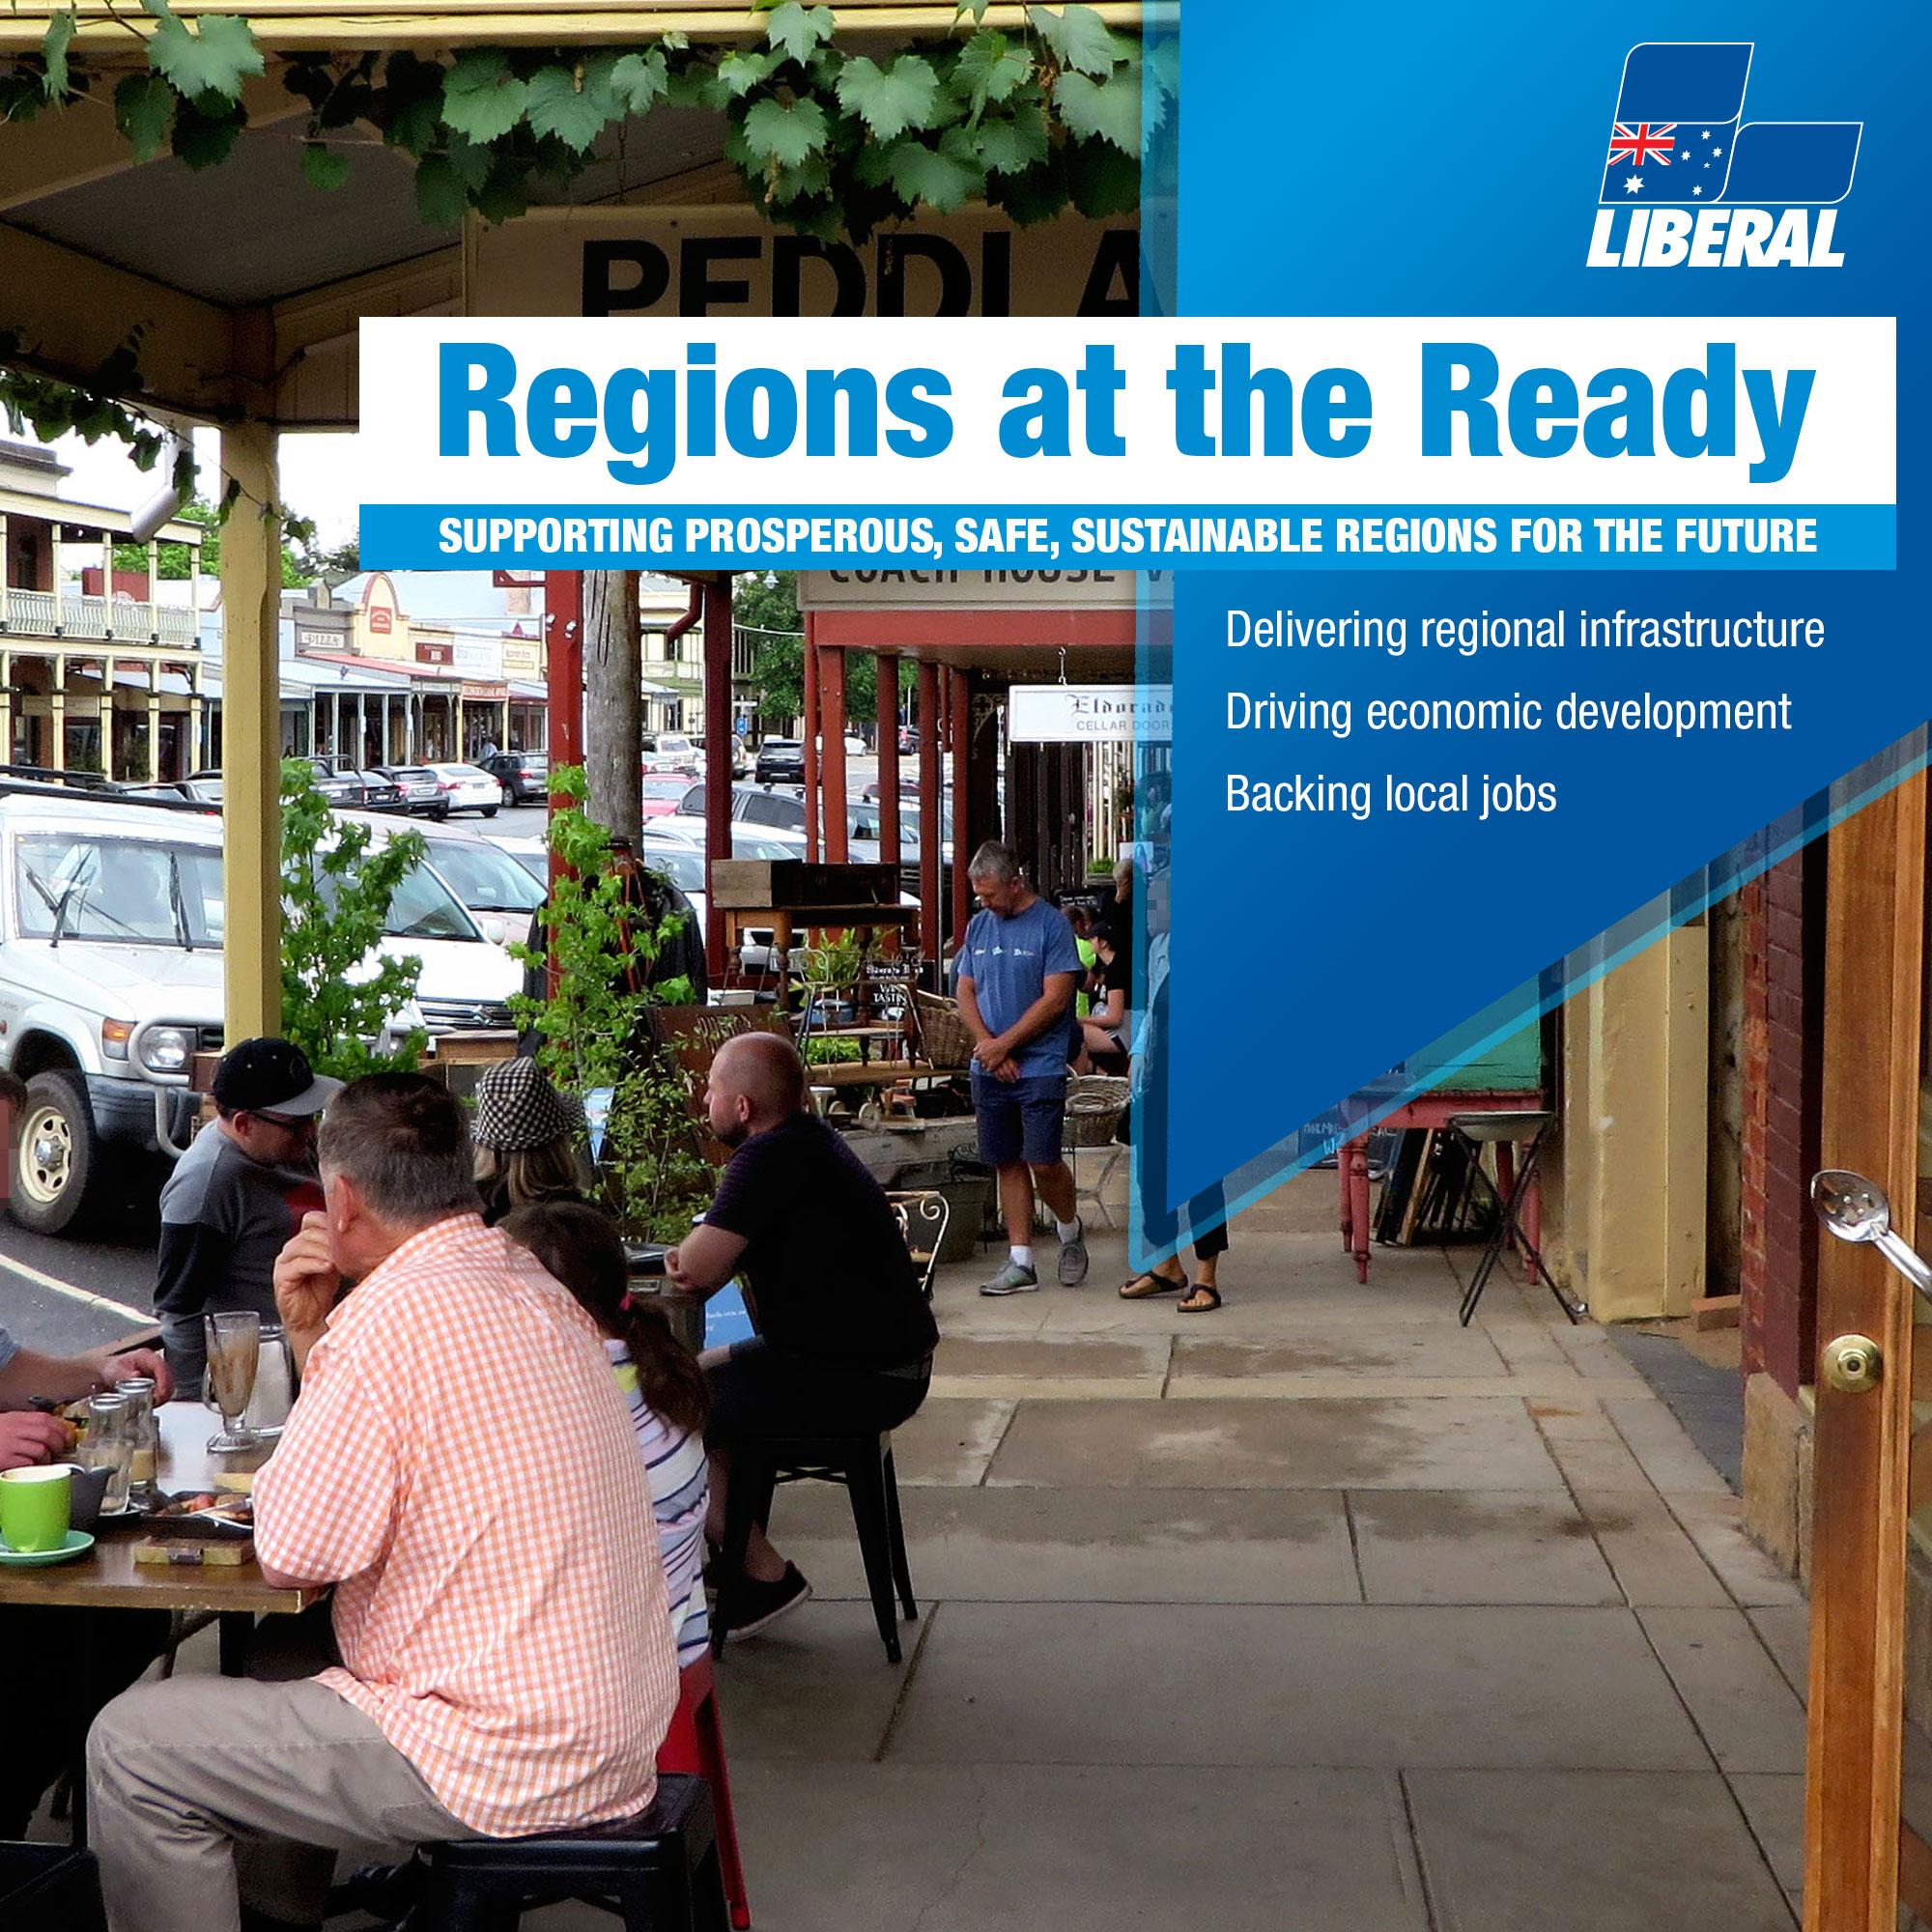 19x730-2_regions-at-the-ready_LIB_2.jpg